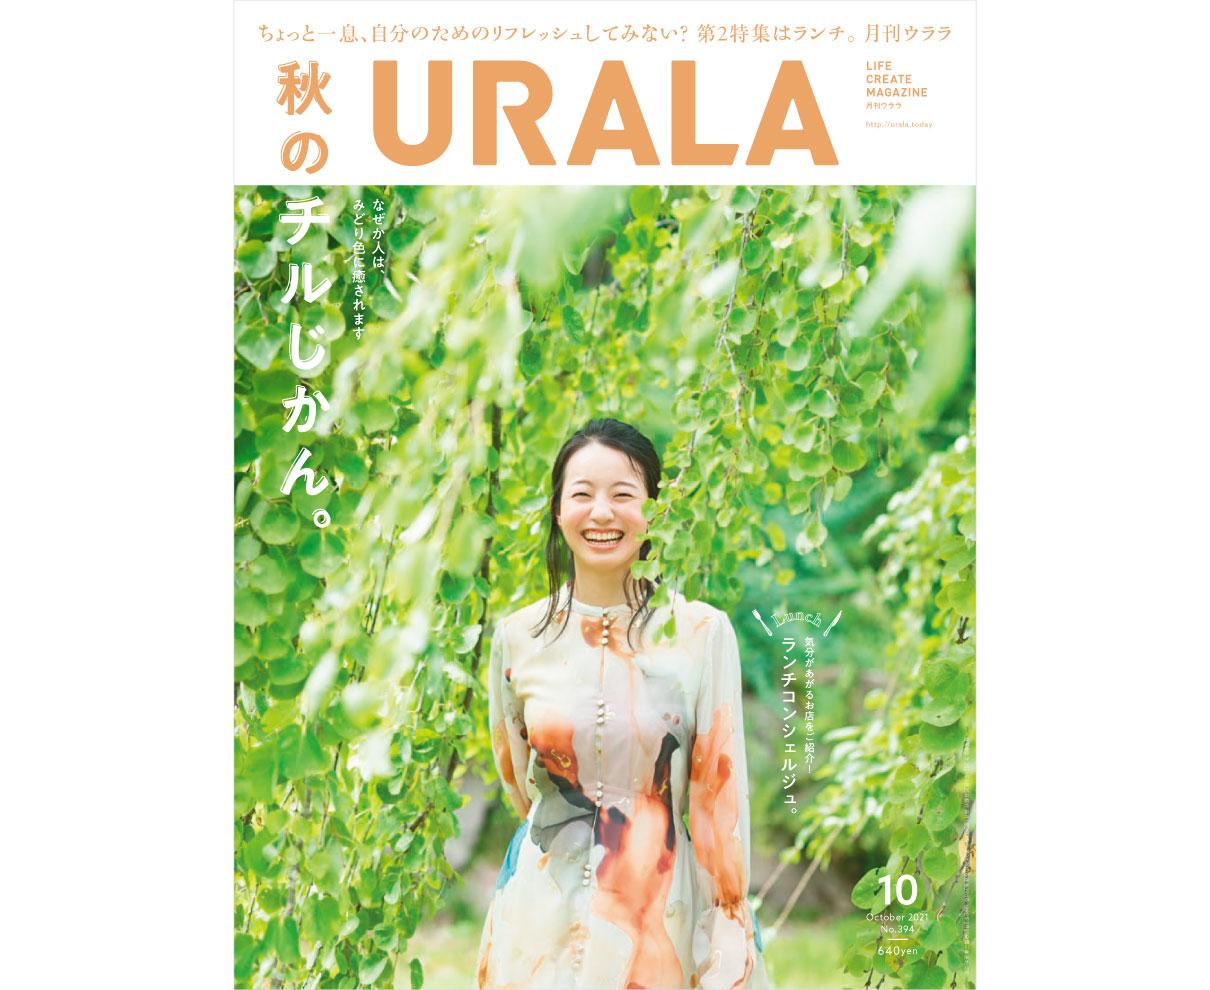 安らかな秋のひと時を。月刊ウララ10月号発刊。